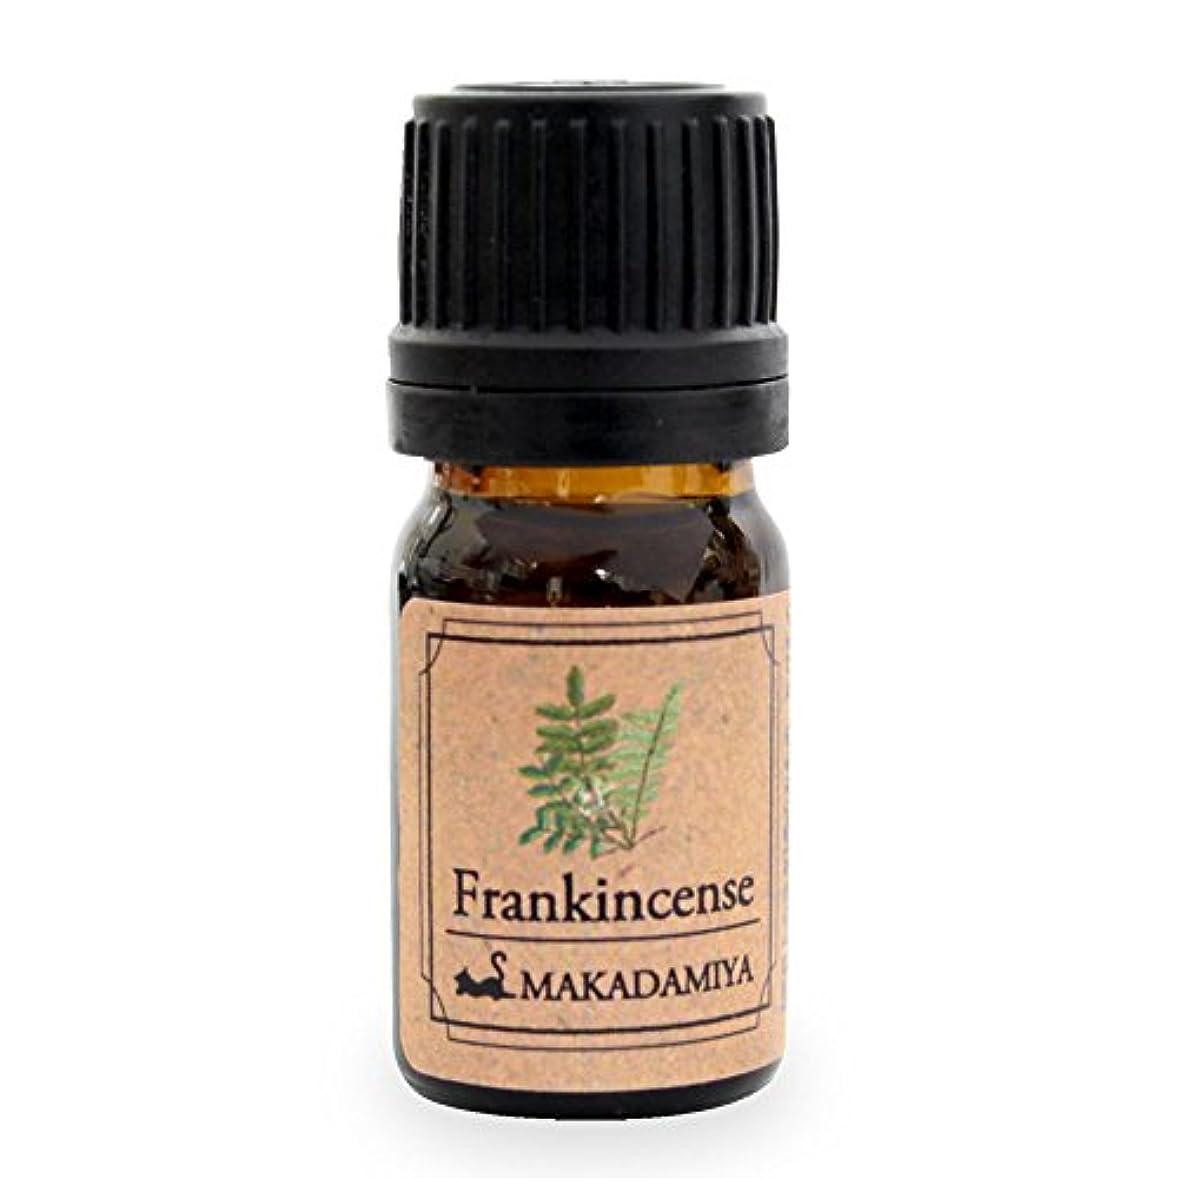 ポール女将技術フランキンセンス5ml 天然100%植物性 エッセンシャルオイル(精油) アロマオイル アロママッサージ aroma Frankincense